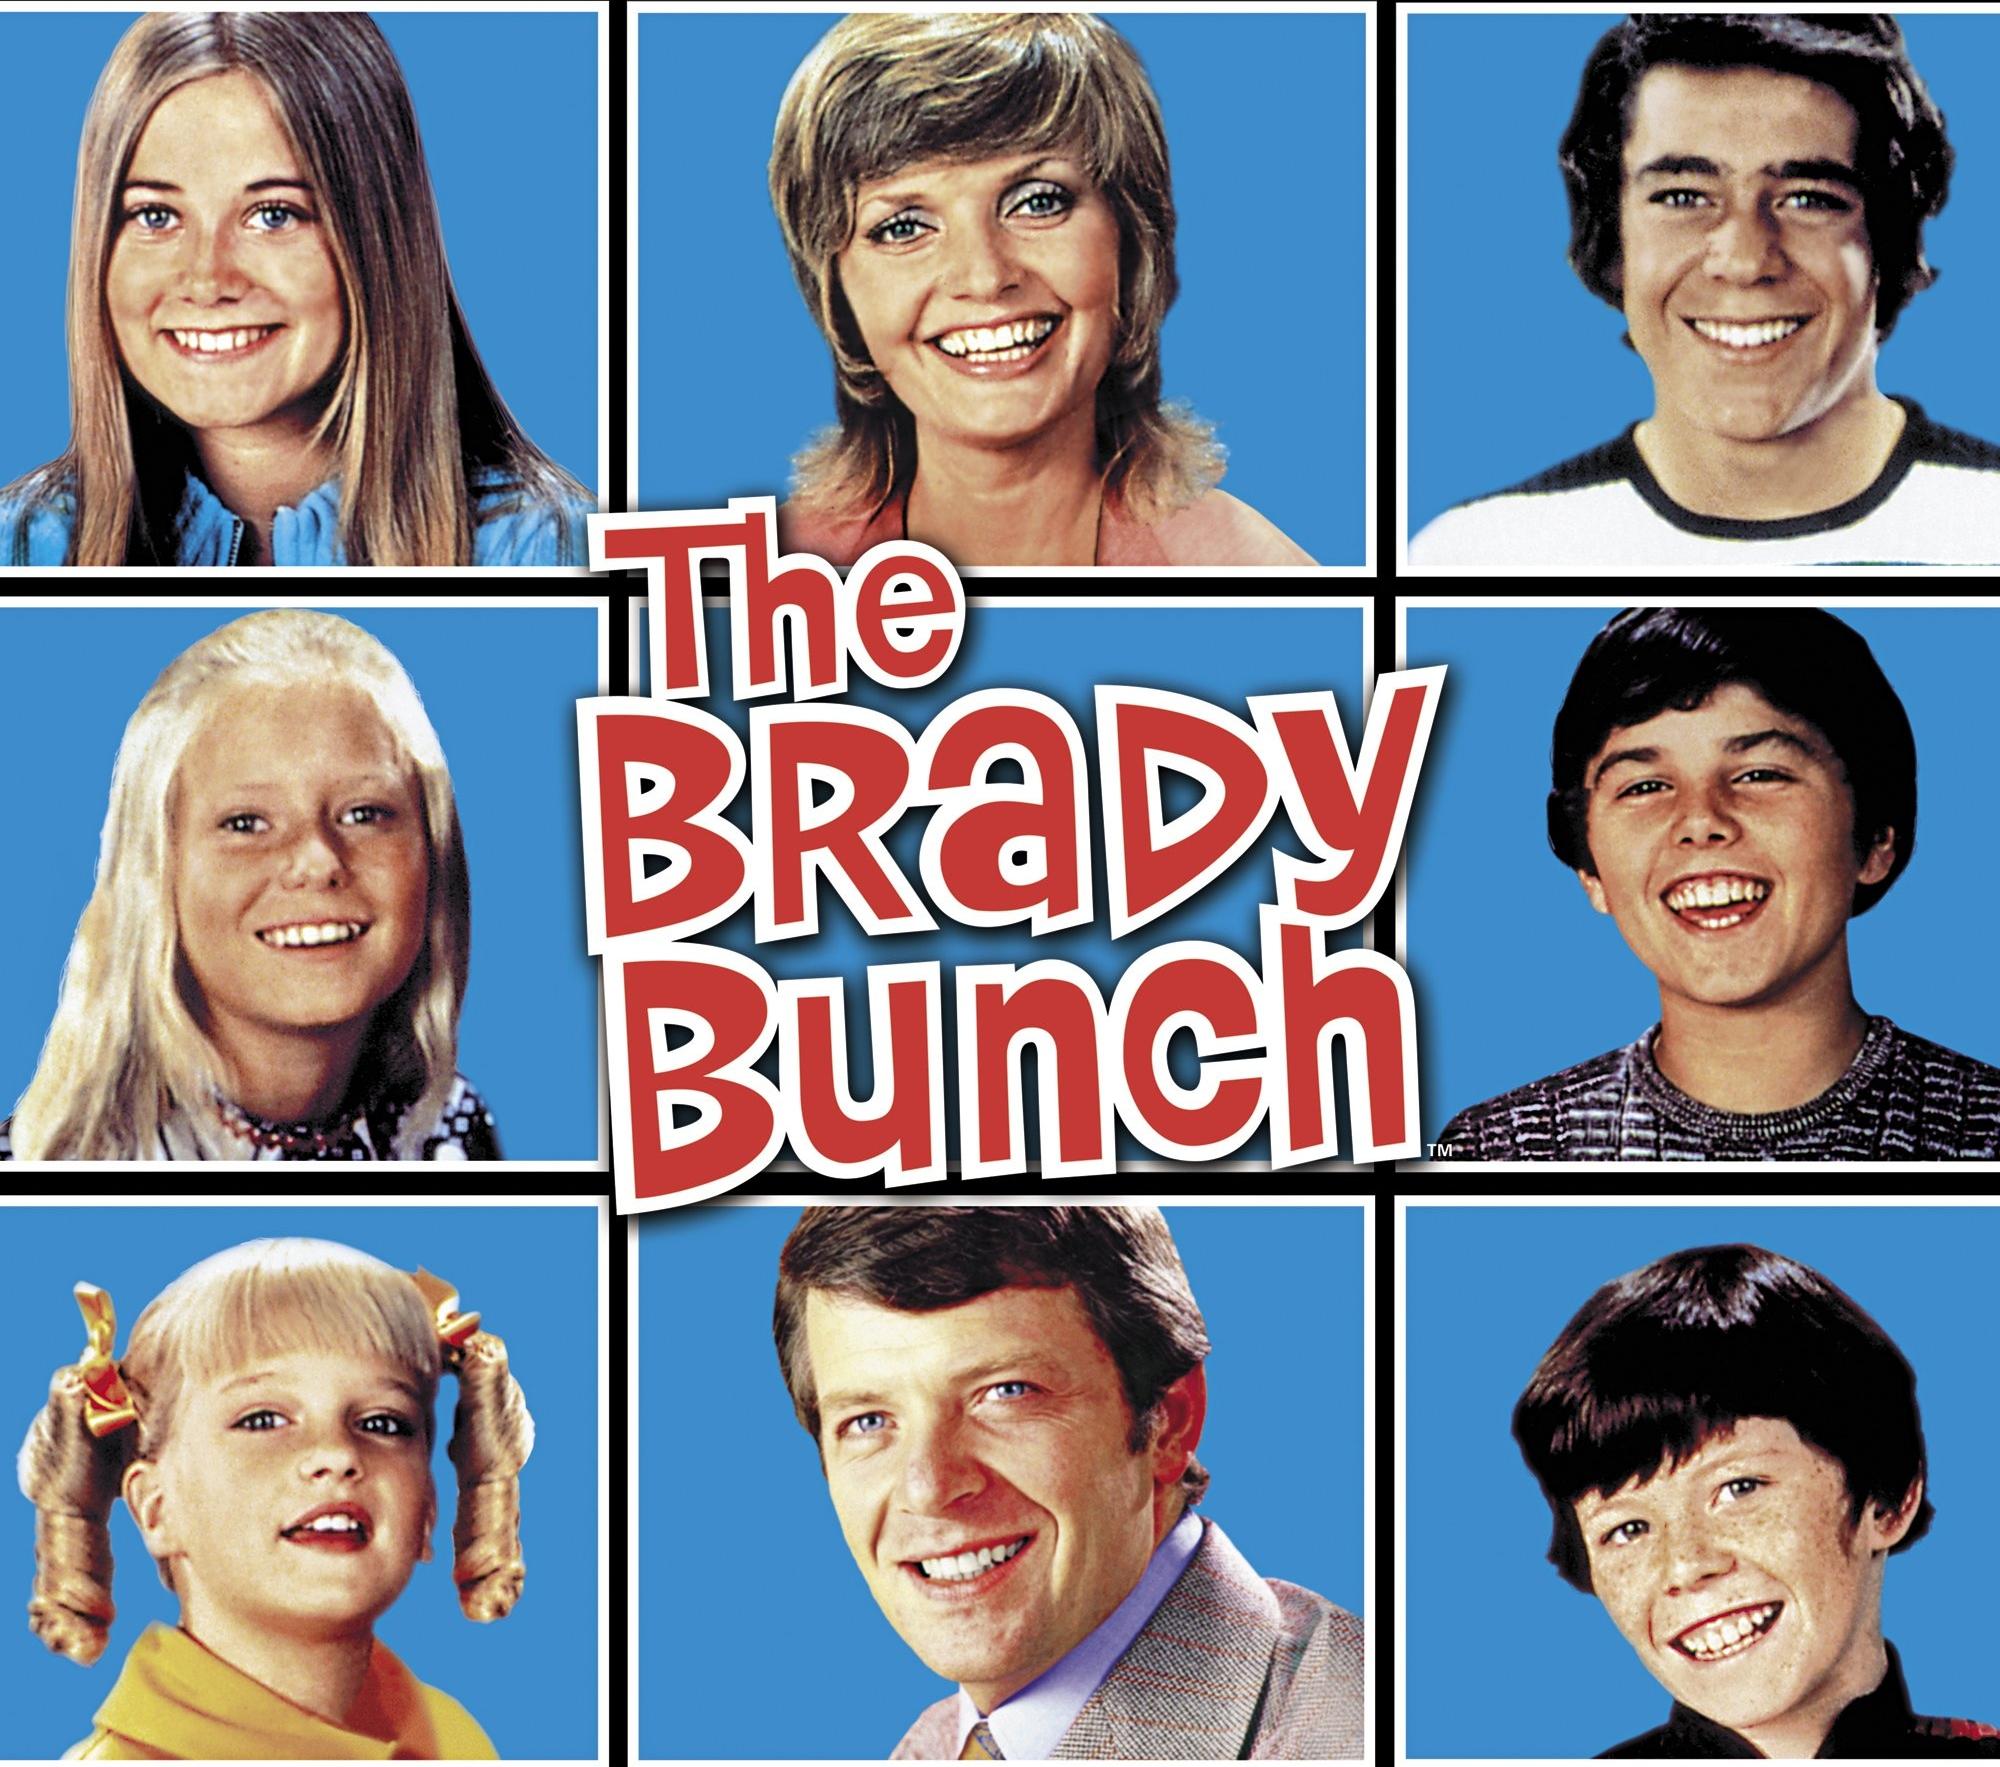 Brady Bunch.jpg